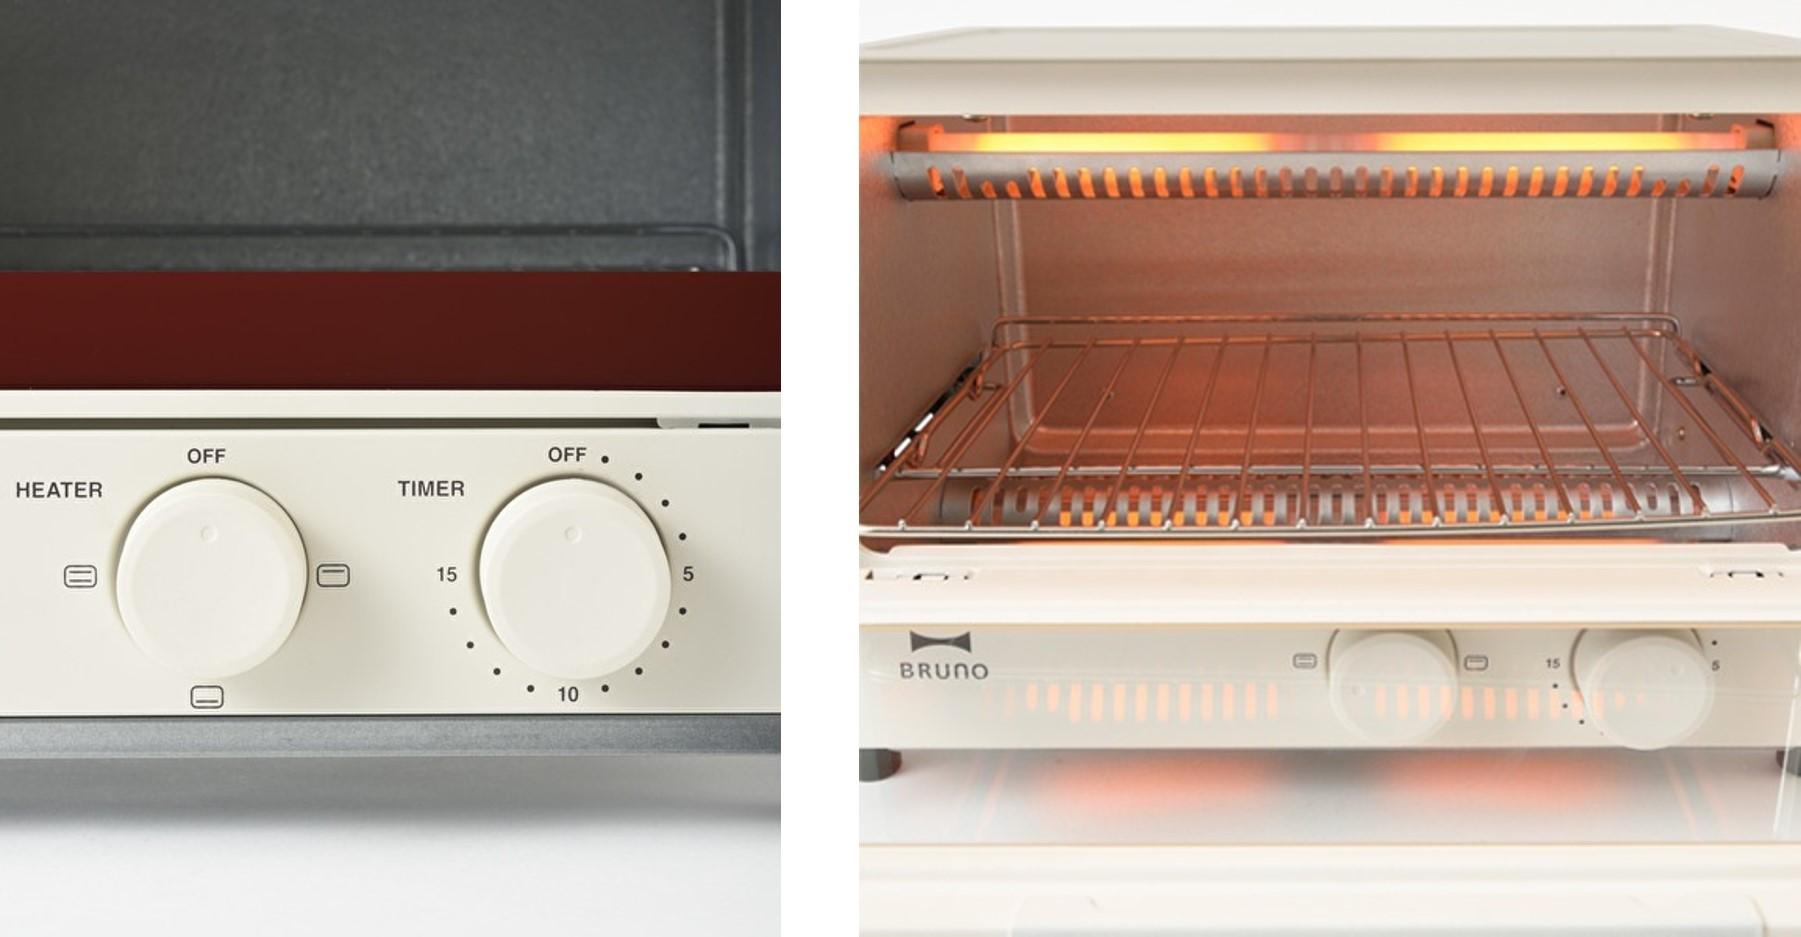 ブルーノオーブントースターの使い方について